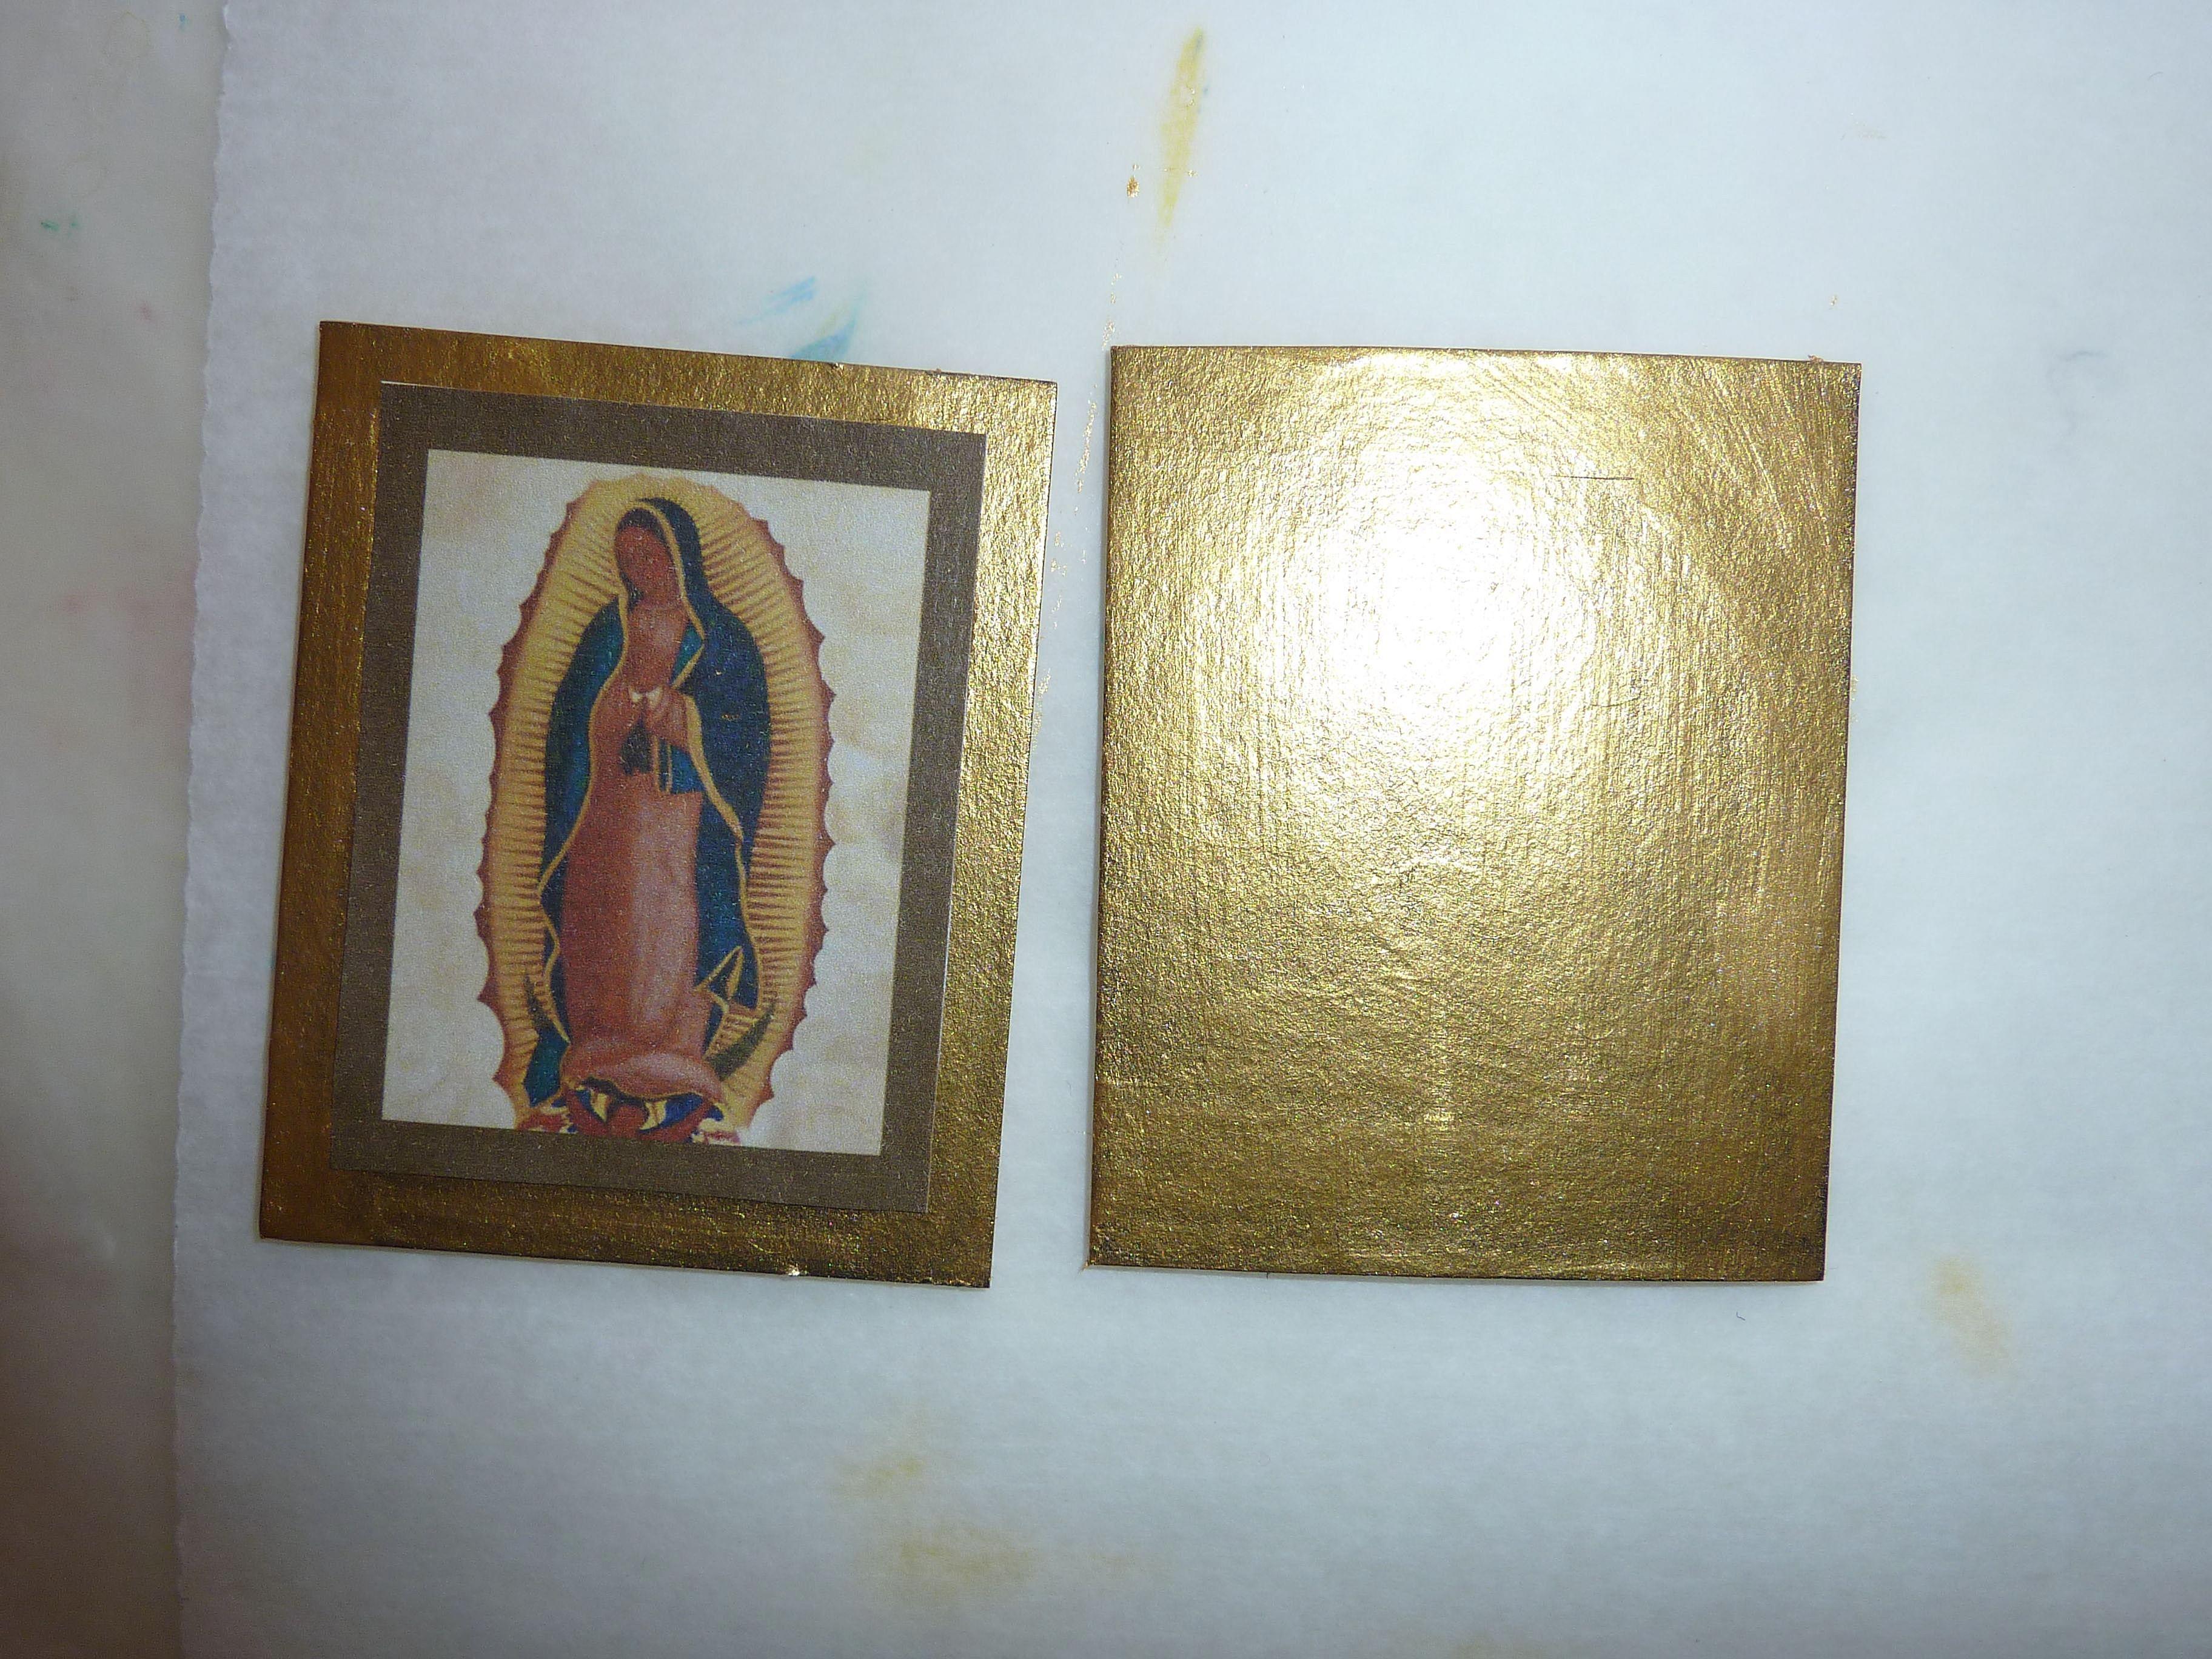 las imágenes está pegada sobre la pintura